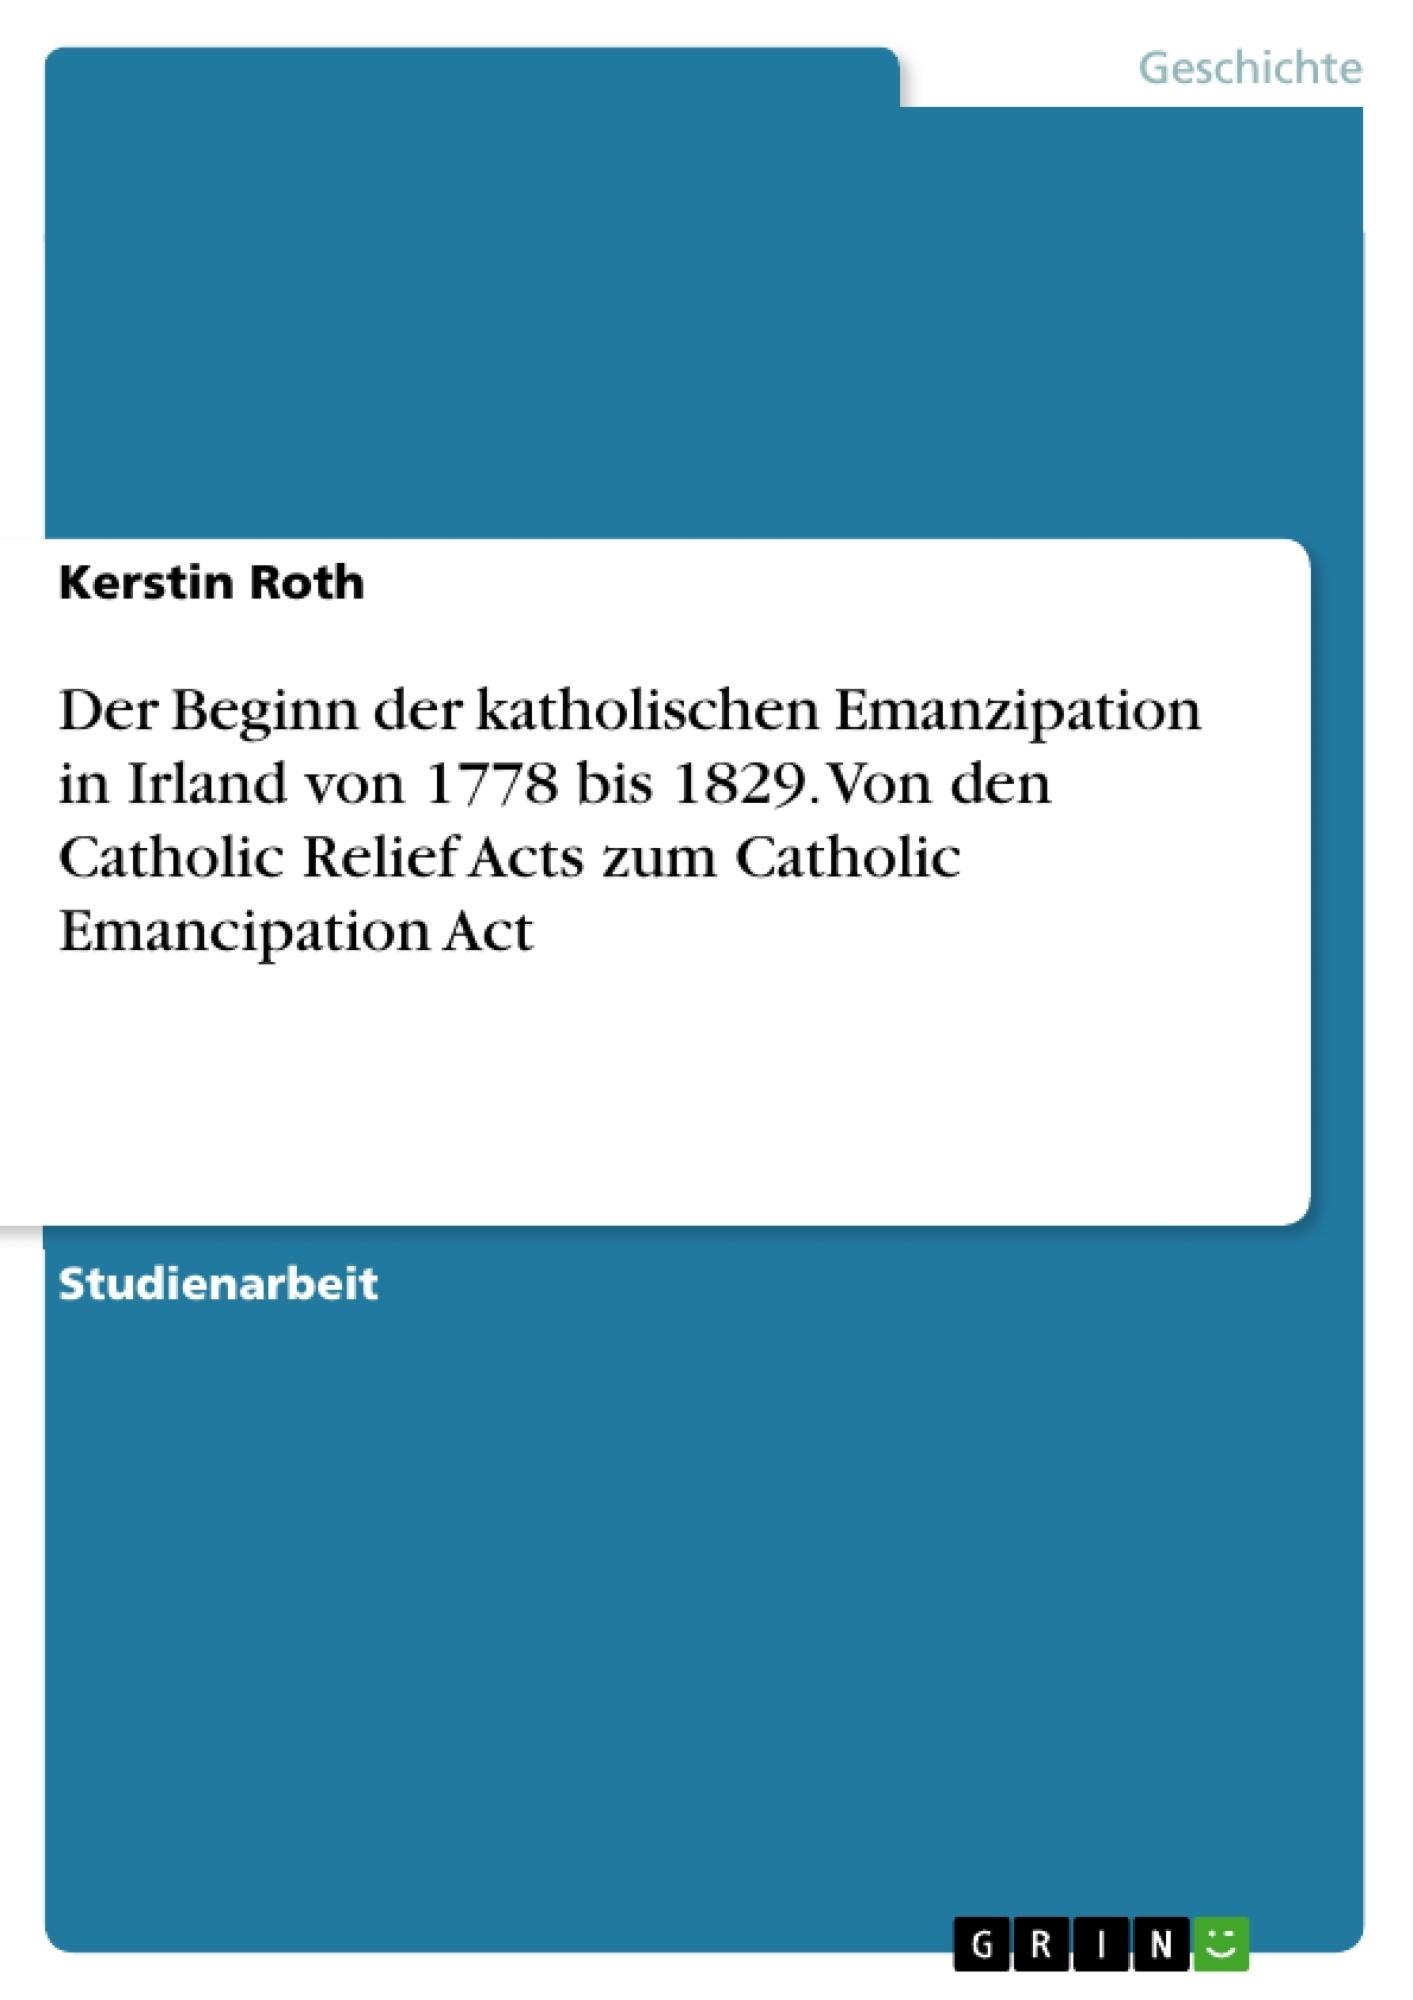 Titel: Der Beginn der katholischen Emanzipation in Irland von 1778 bis 1829. Von den Catholic Relief Acts zum Catholic Emancipation Act